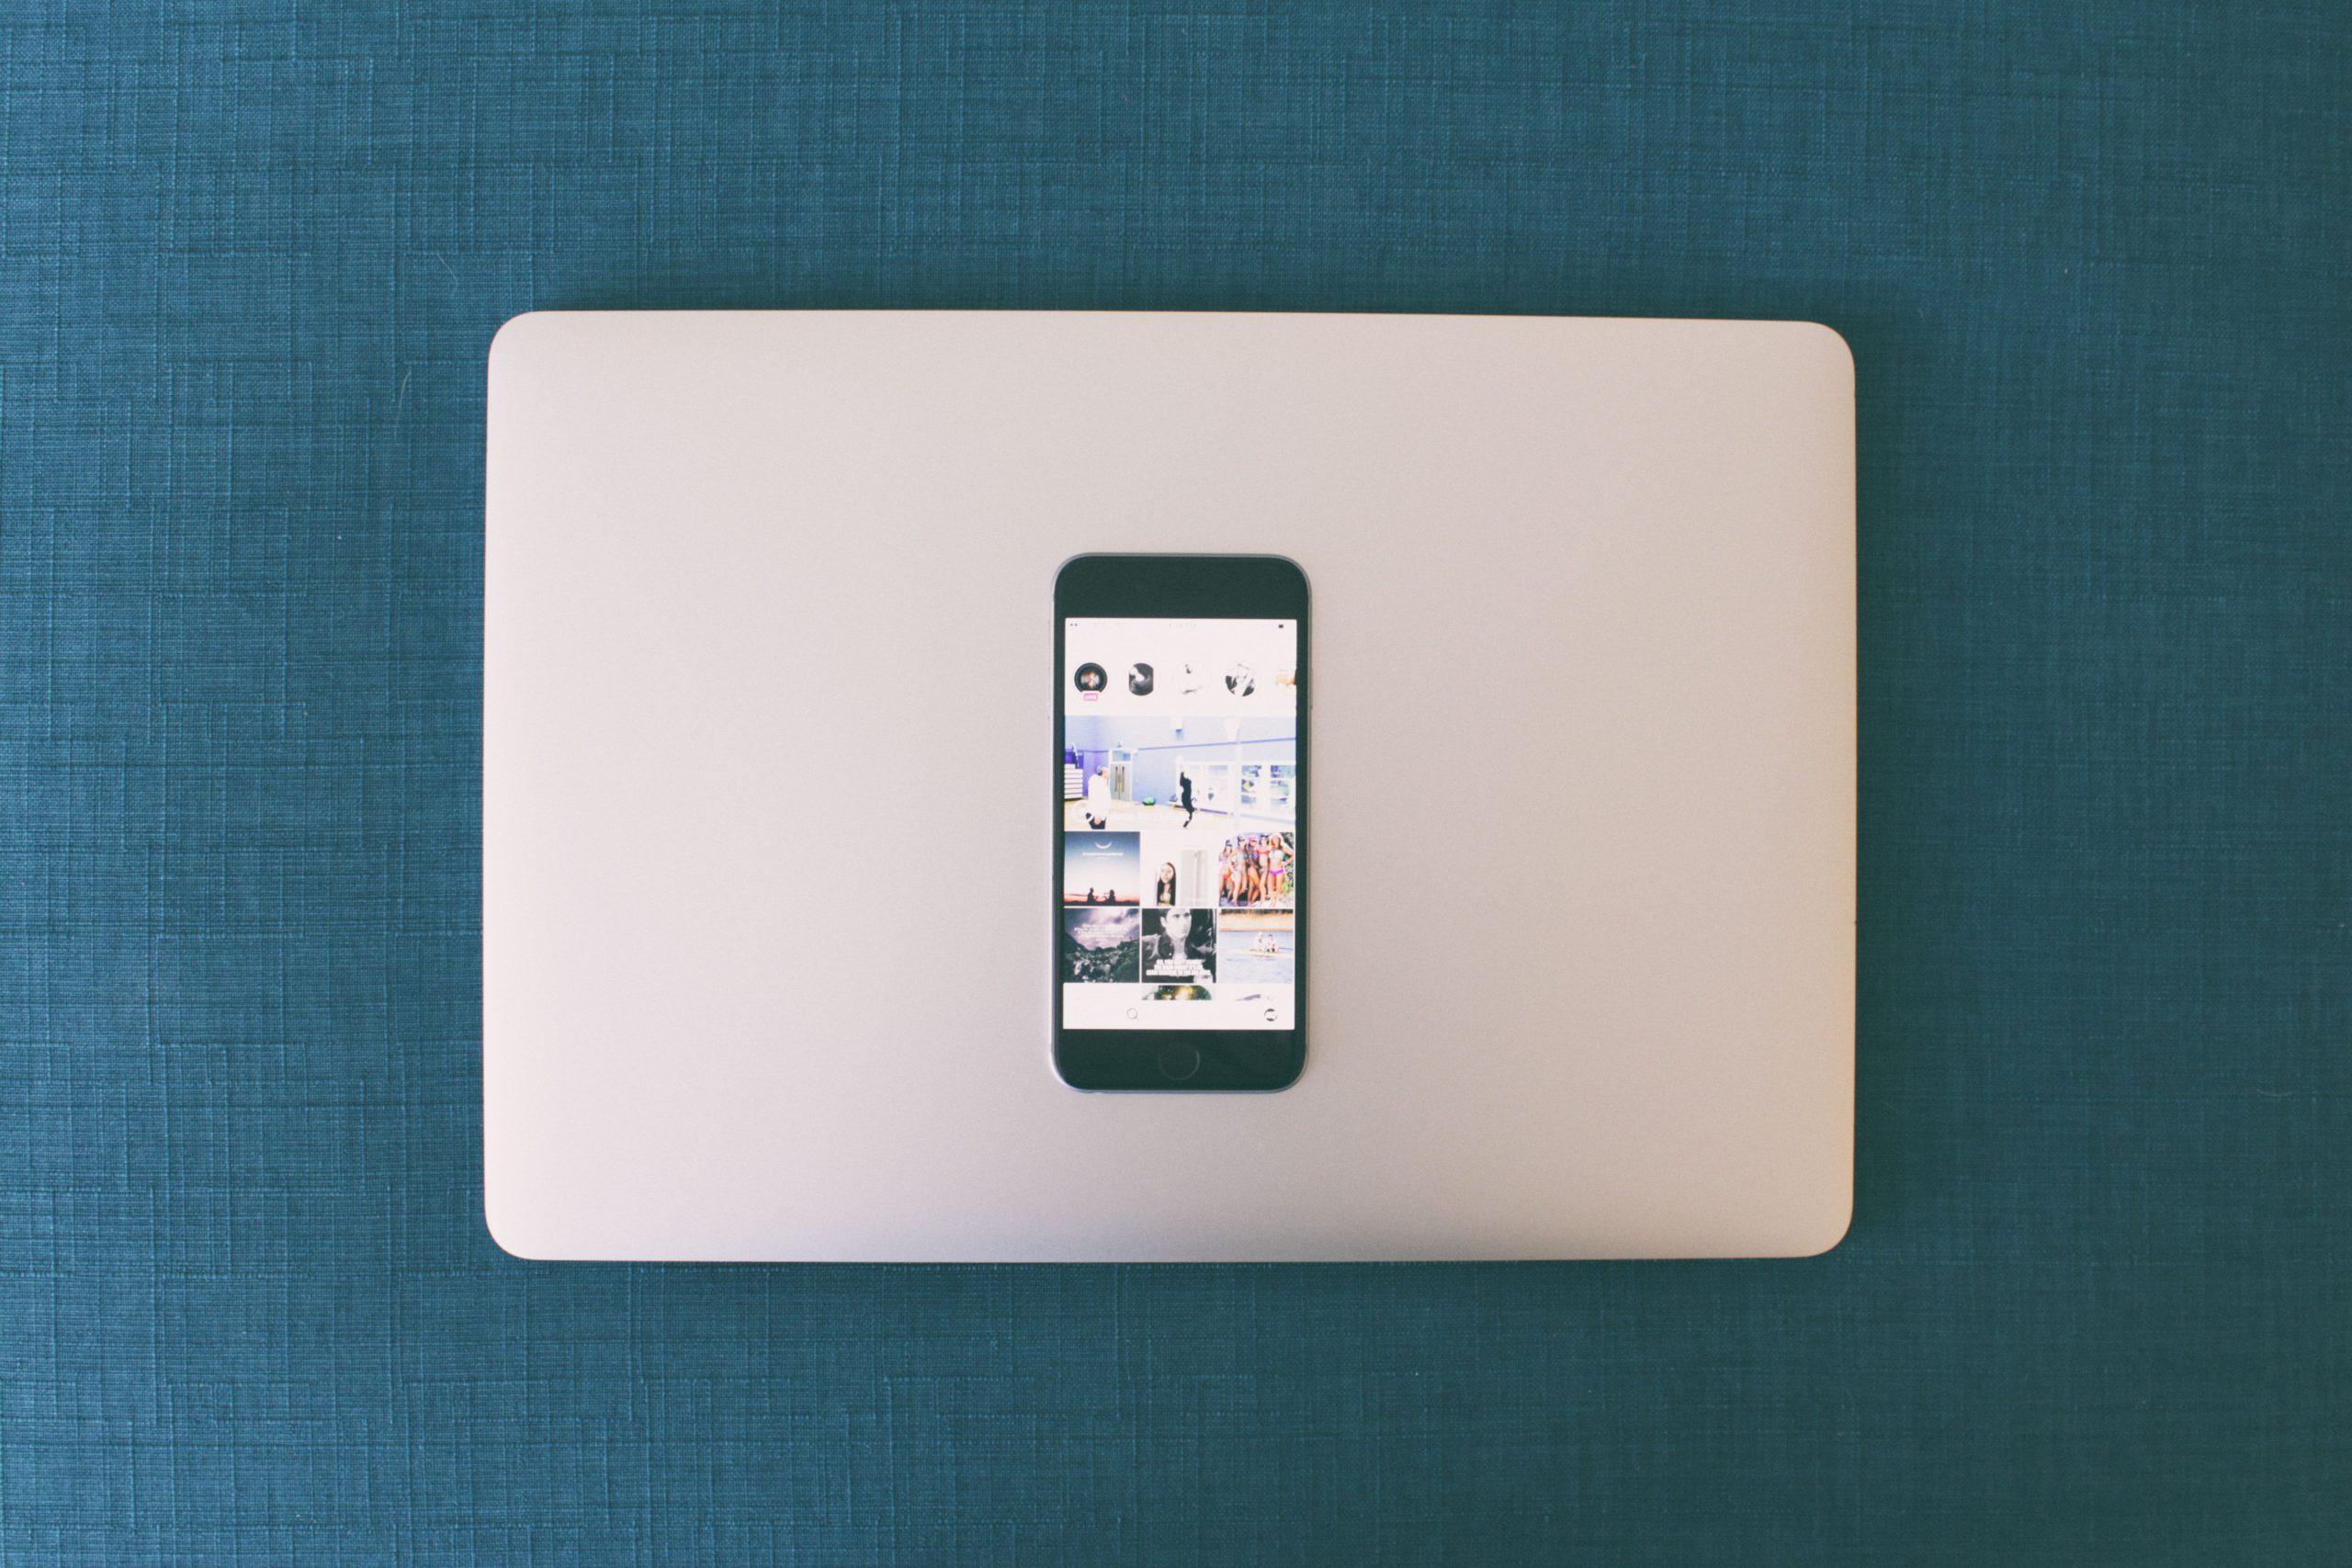 smartfon - telefon